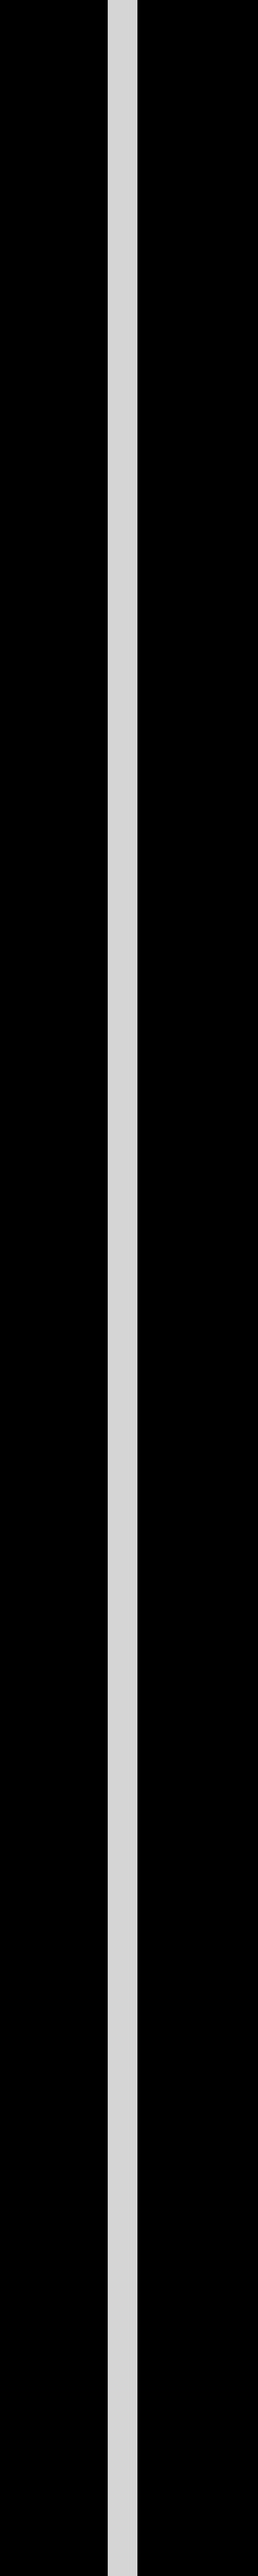 Vertical_line